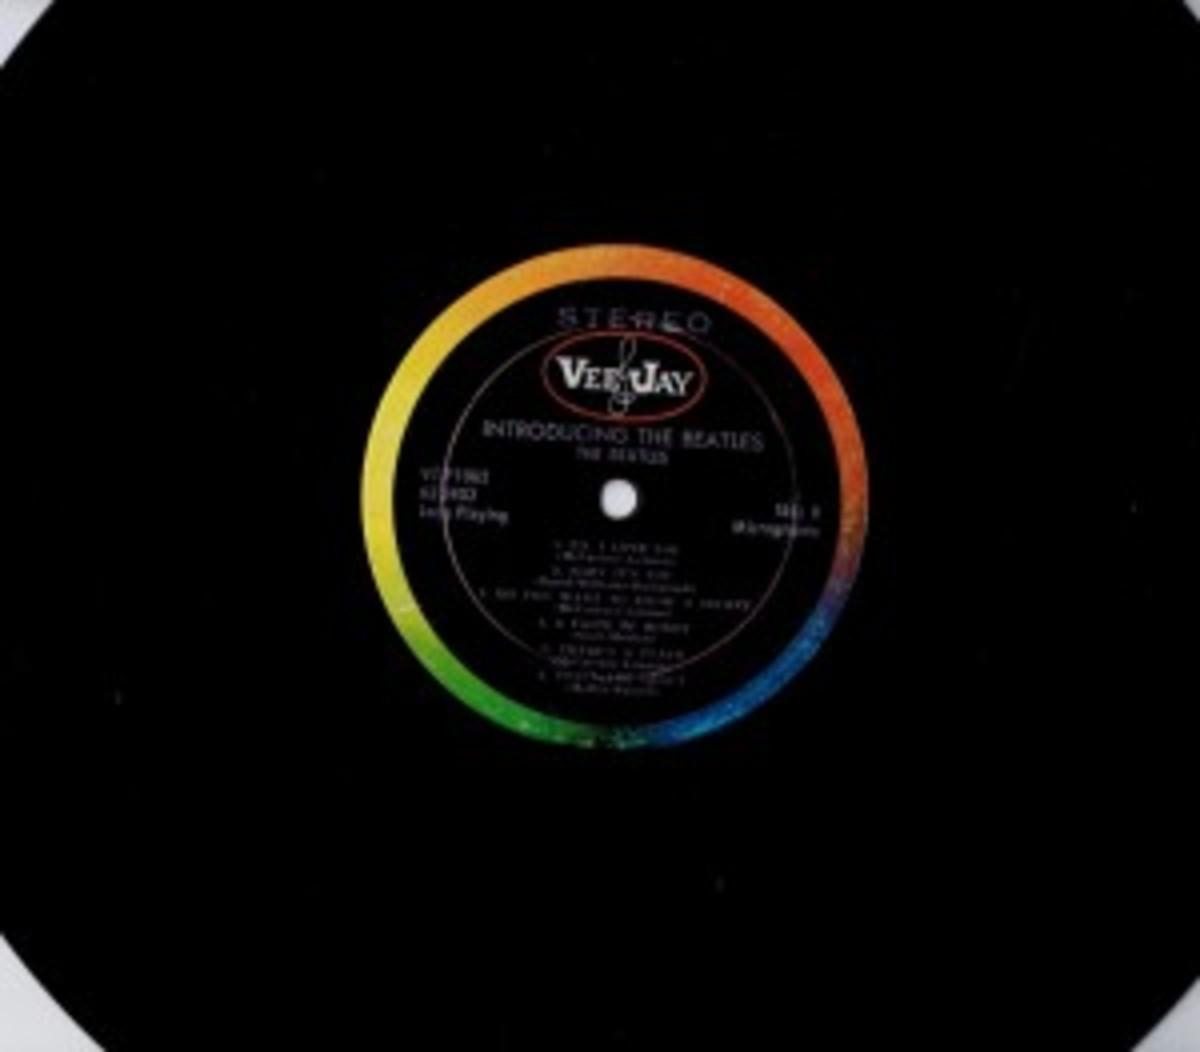 Beatles-intro-label